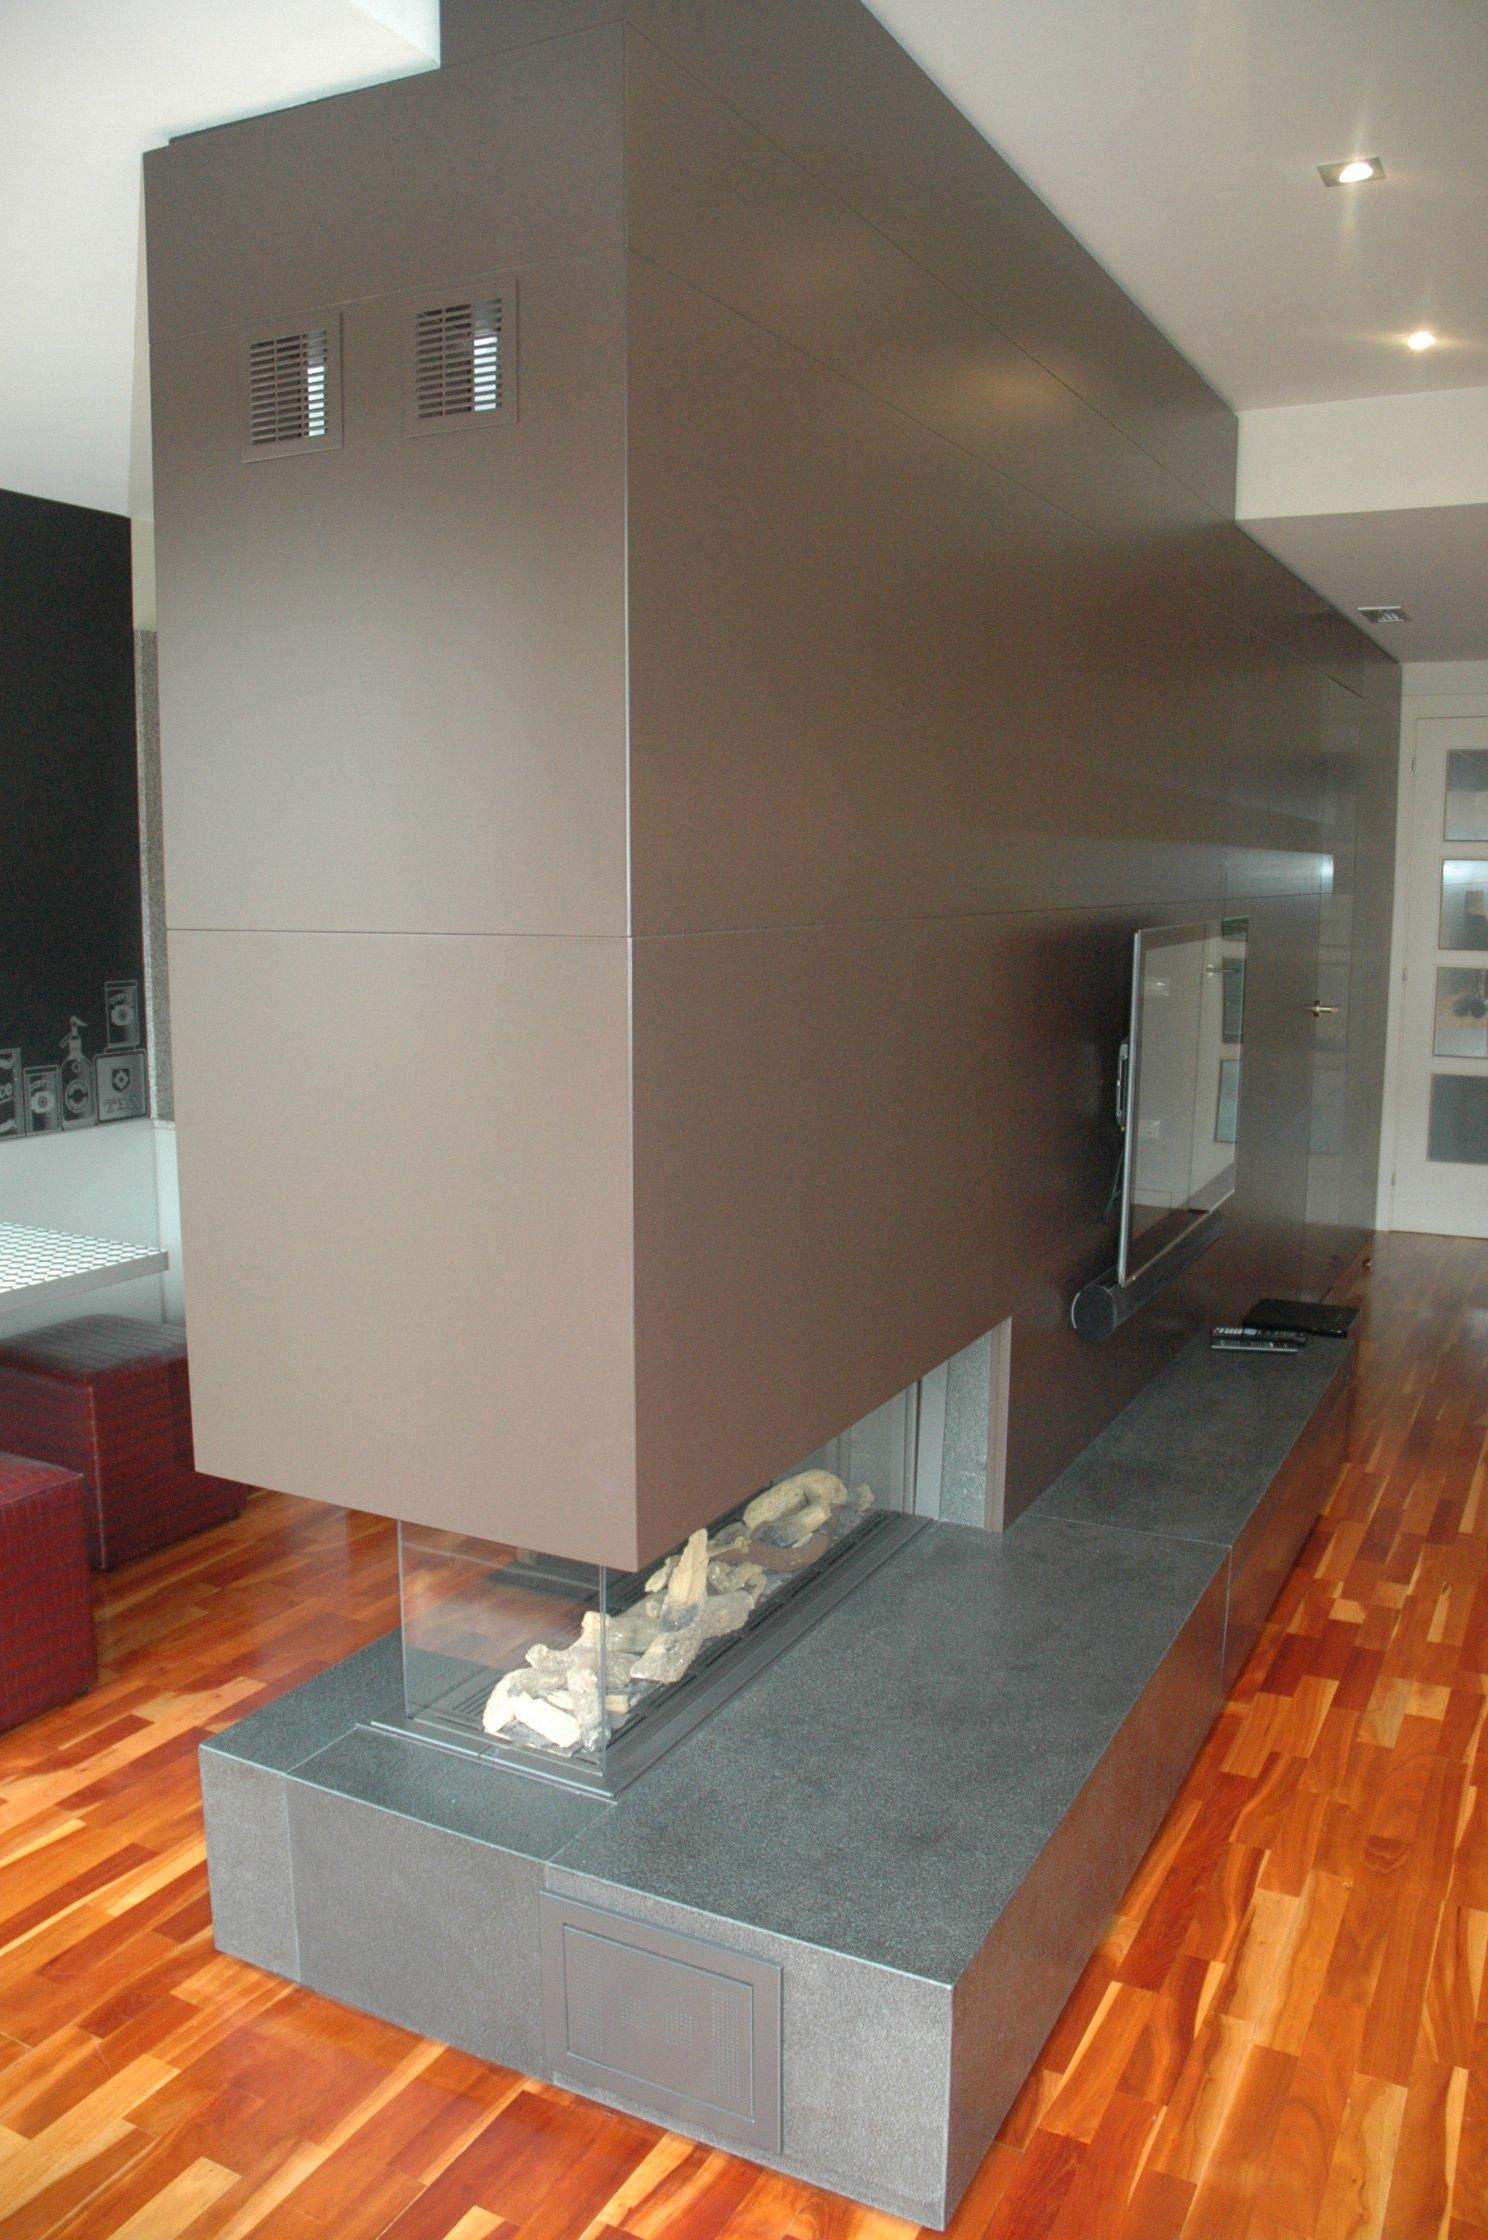 Com utilitzar mobles per substituir parets, un article de Sese Jover Interiors